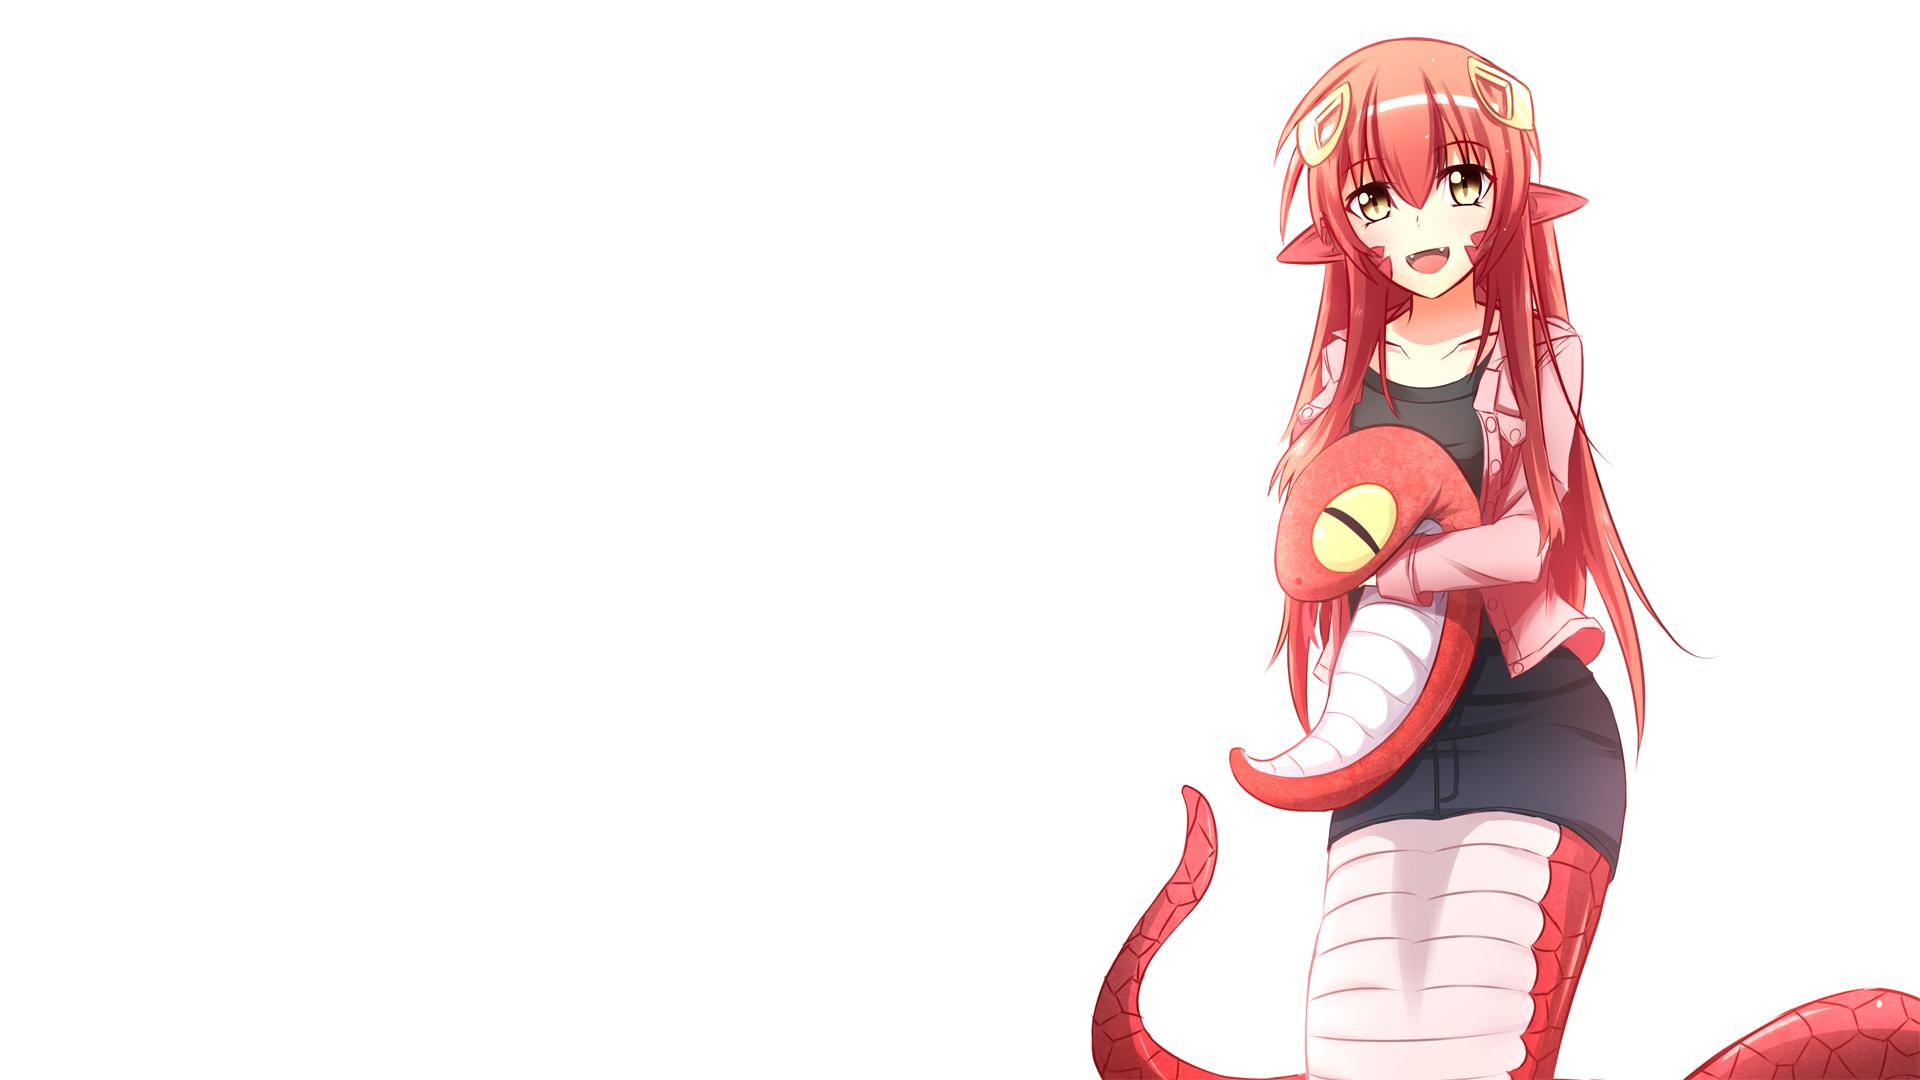 4549096 Monster Musume No Iru Nichijou Anime Miia Monmusu